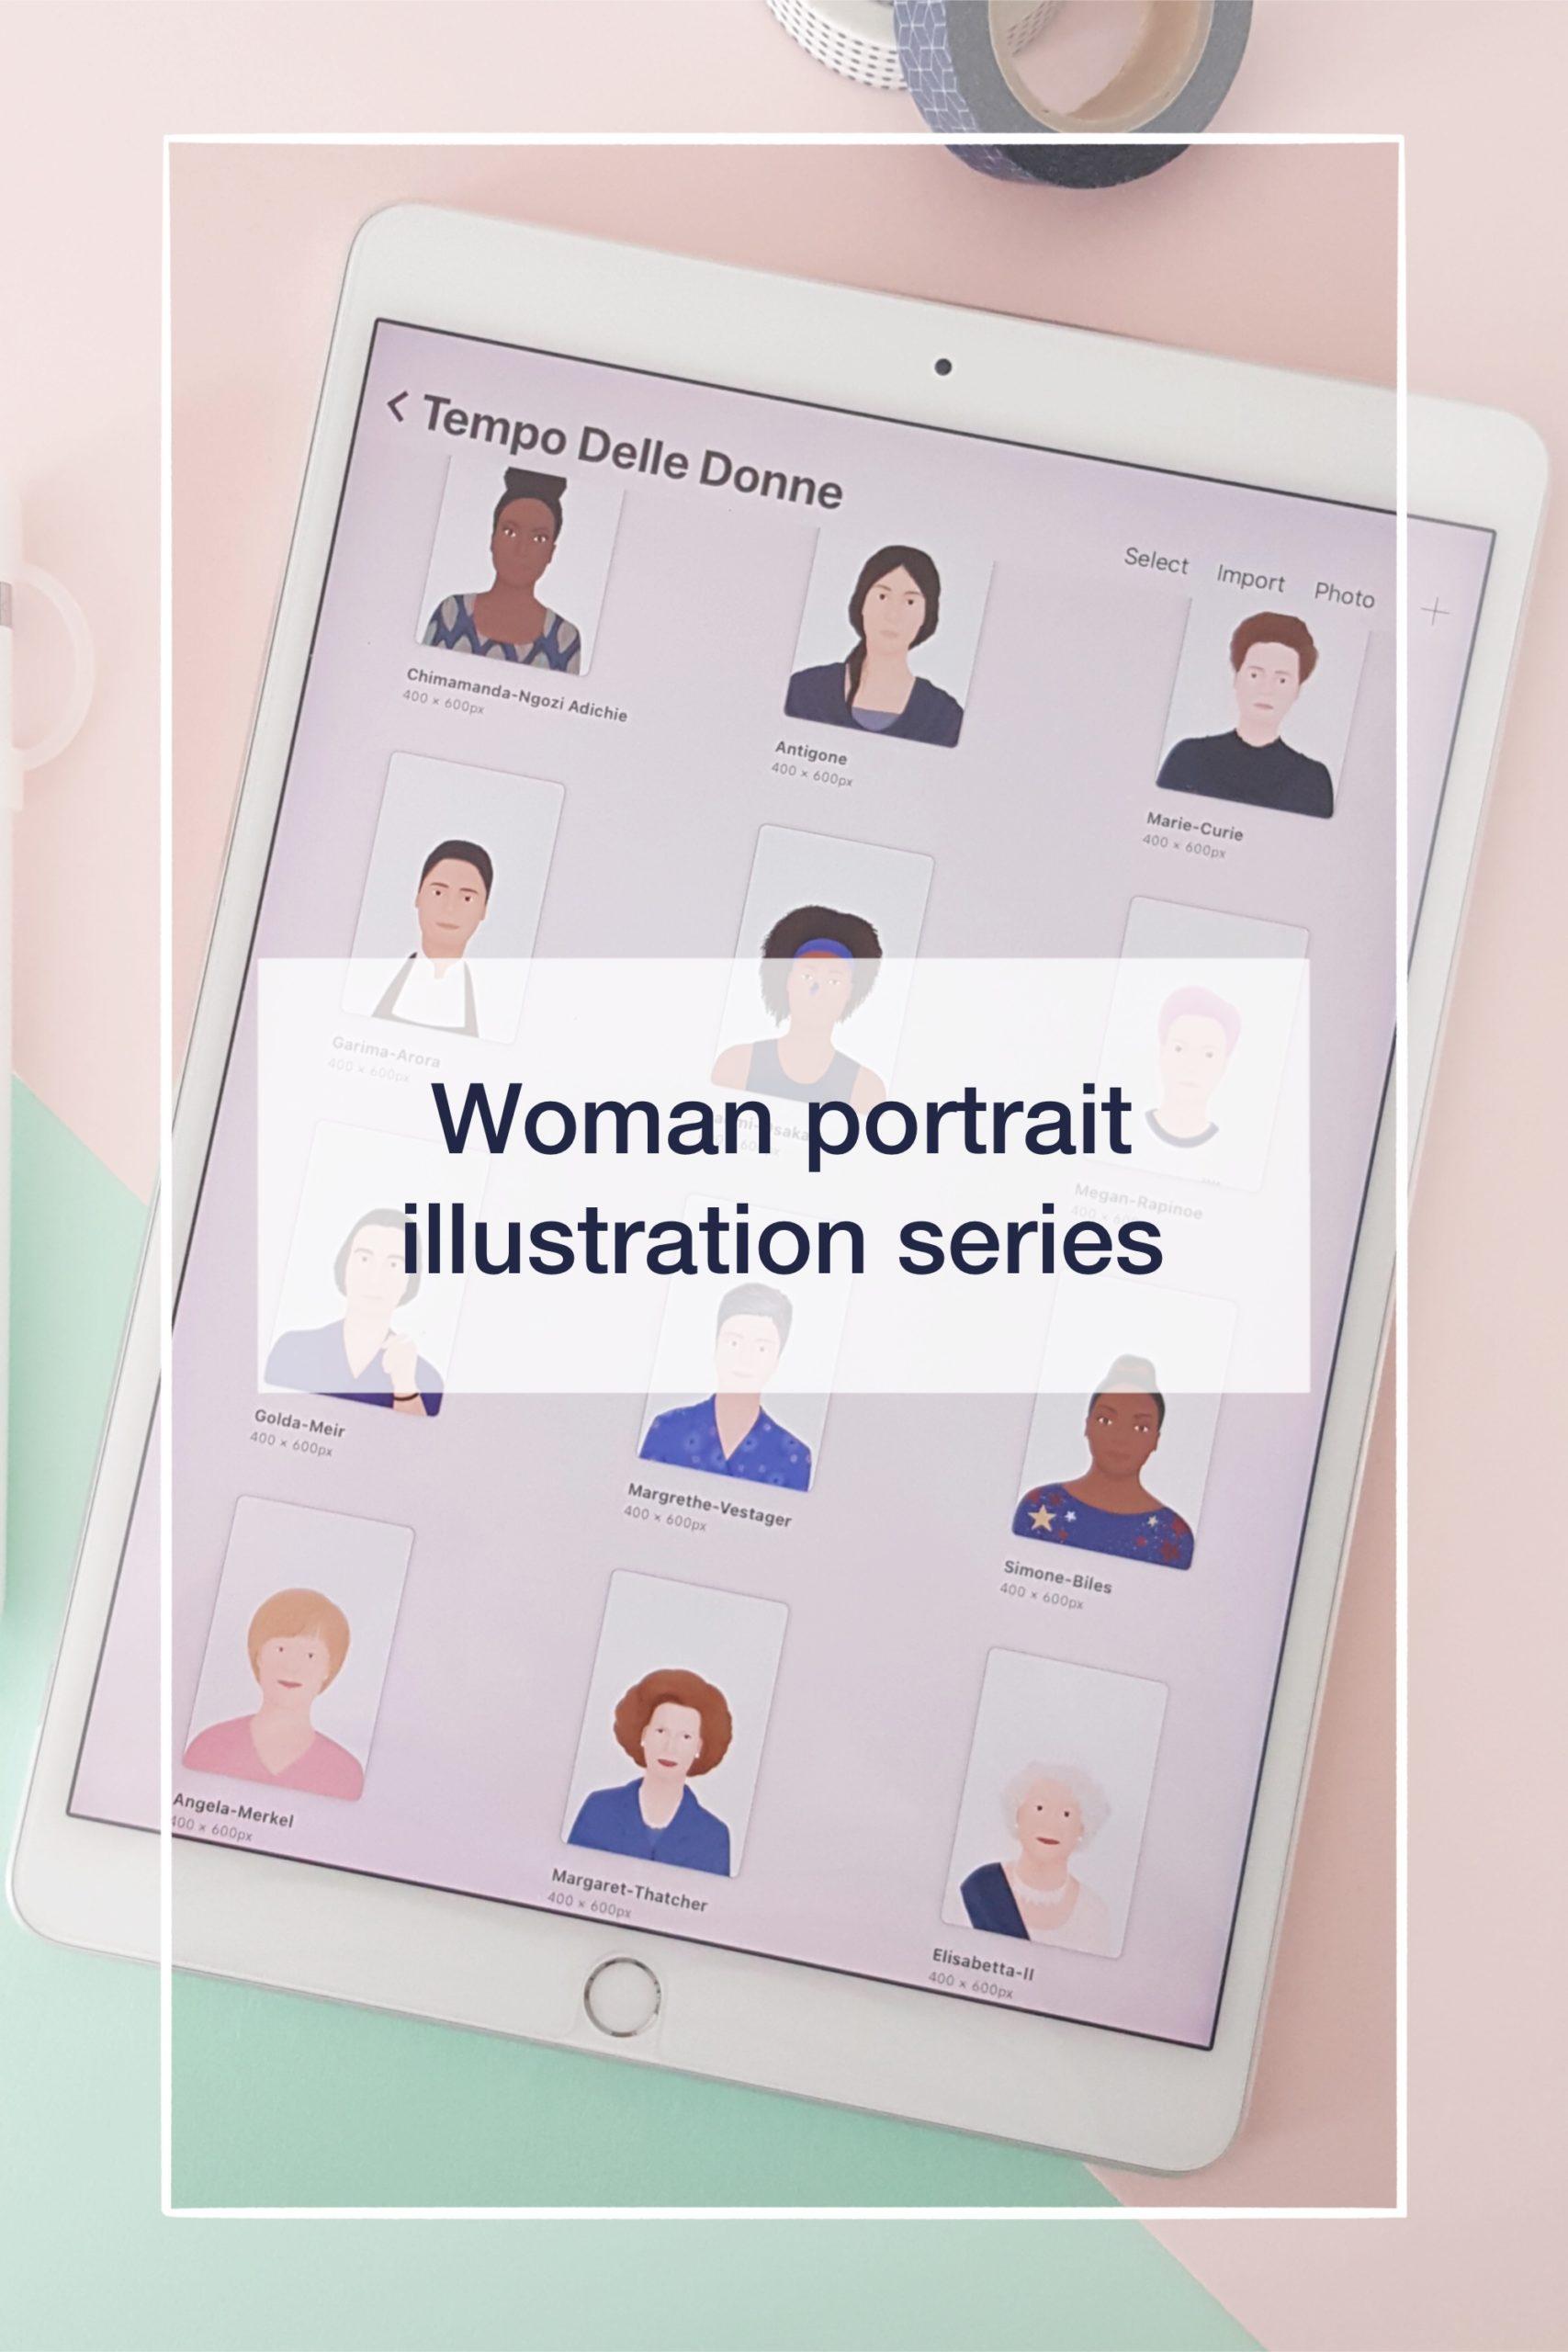 Woman portrait illustration